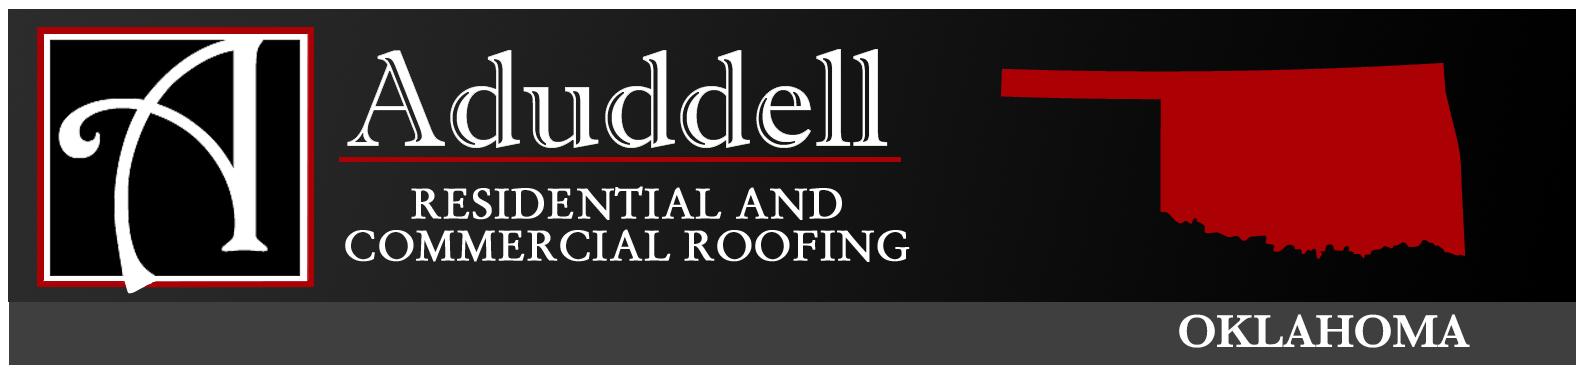 oklahoma roofing company